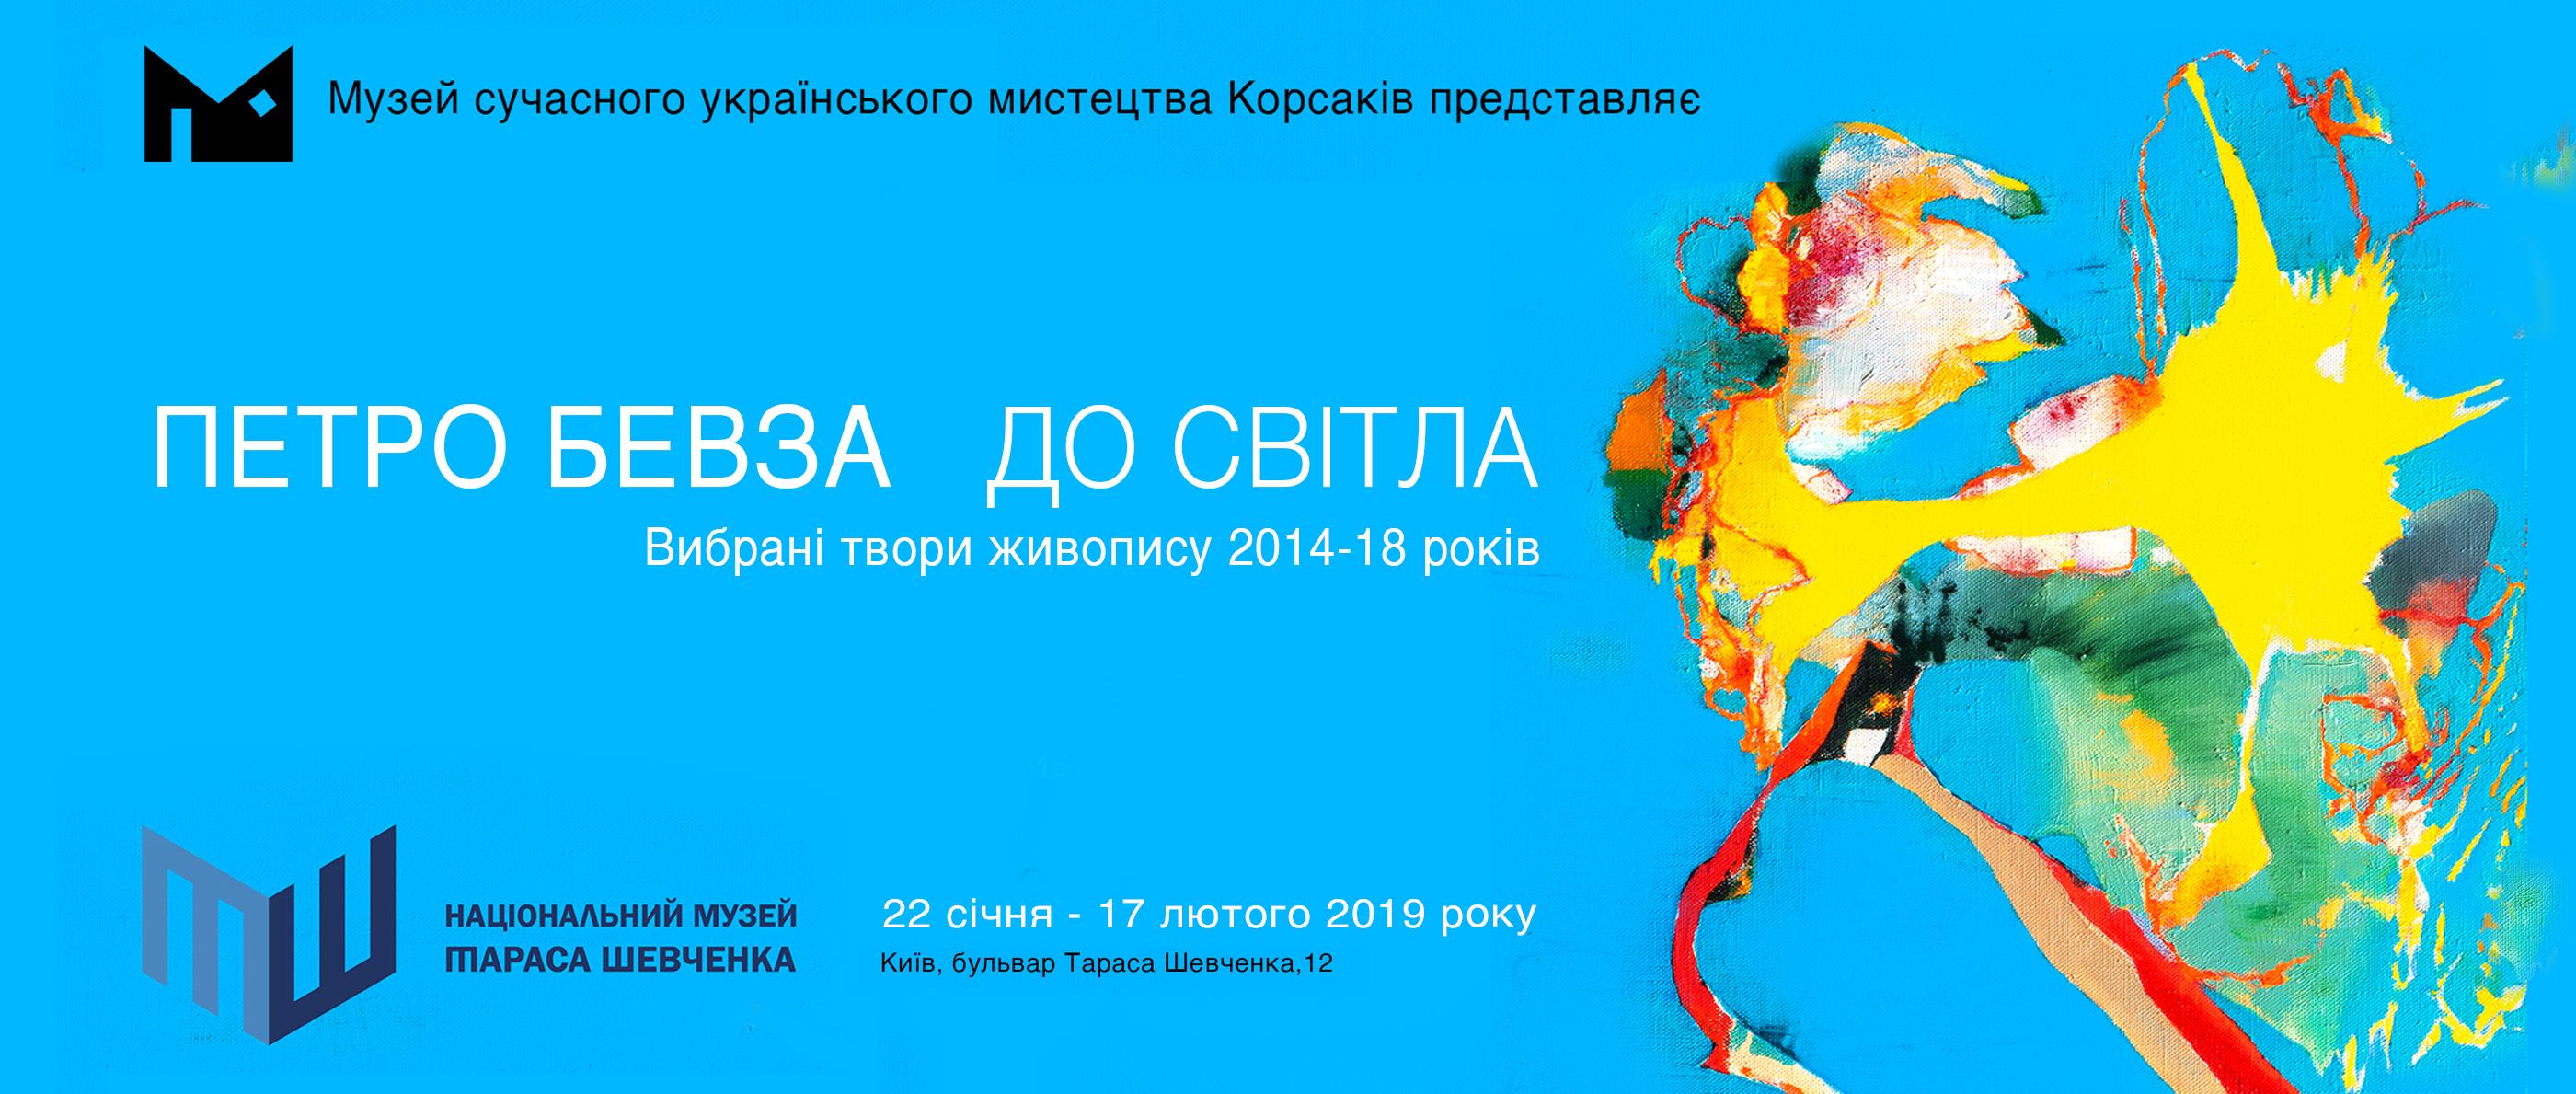 ПЕТРО БЕВЗА. ДО СВІТЛА. Вибрані твори живопису 2014-18 років